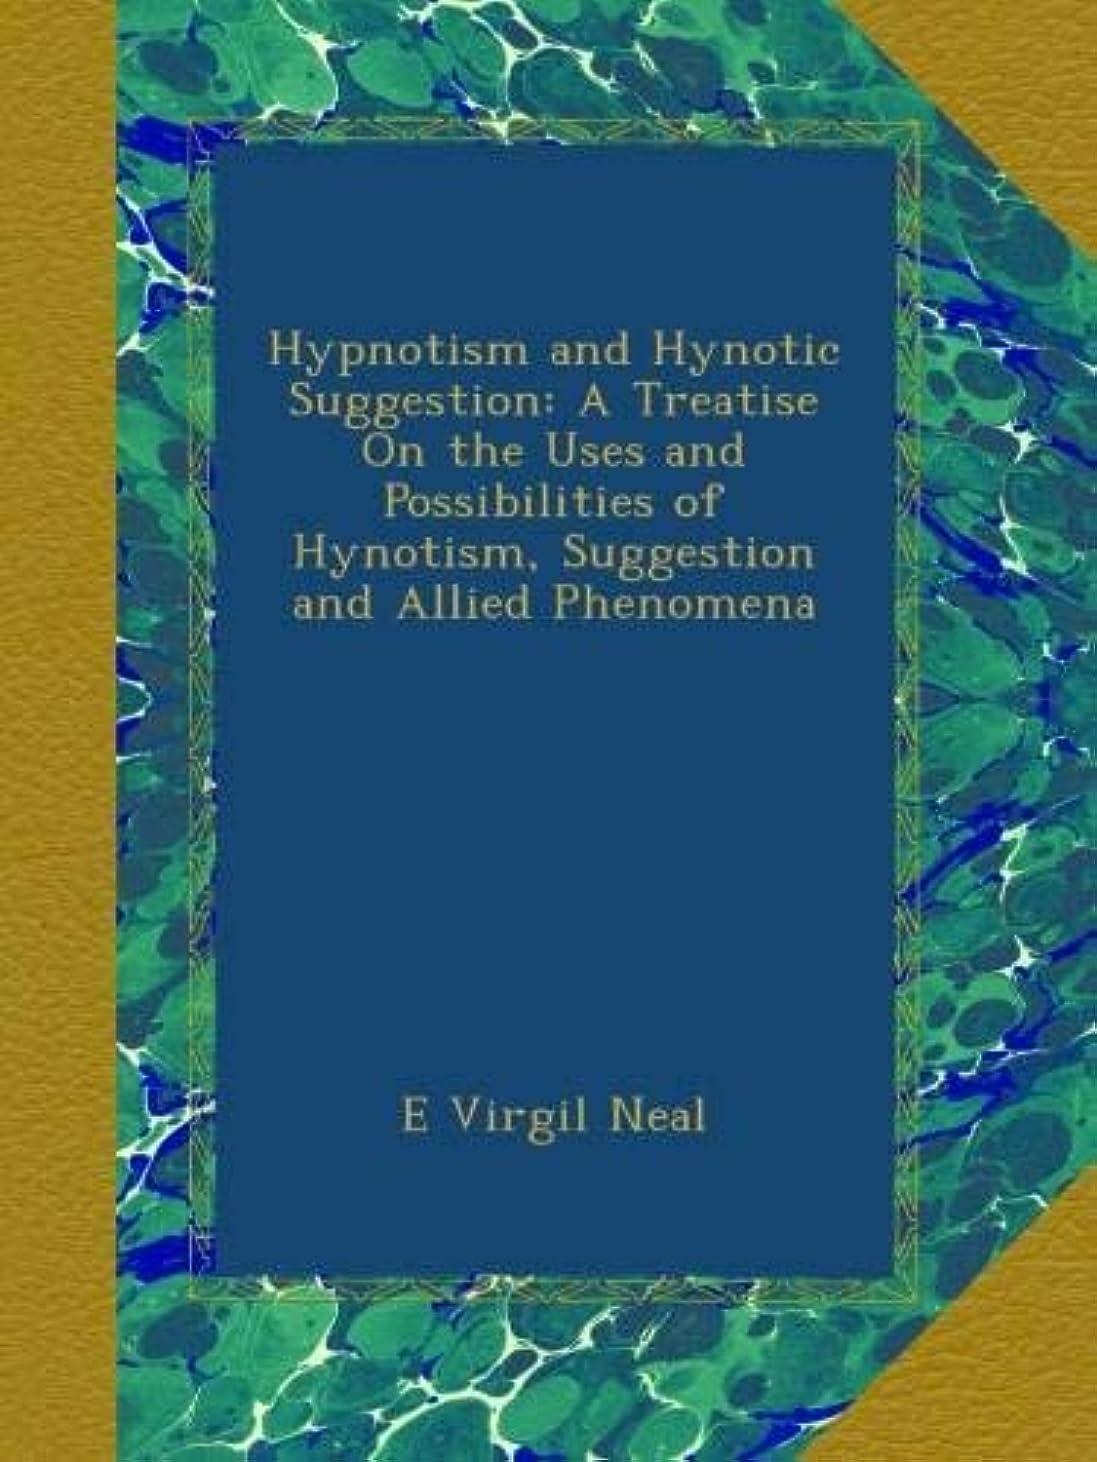 促進する必要とするパワーHypnotism and Hynotic Suggestion: A Treatise On the Uses and Possibilities of Hynotism, Suggestion and Allied Phenomena